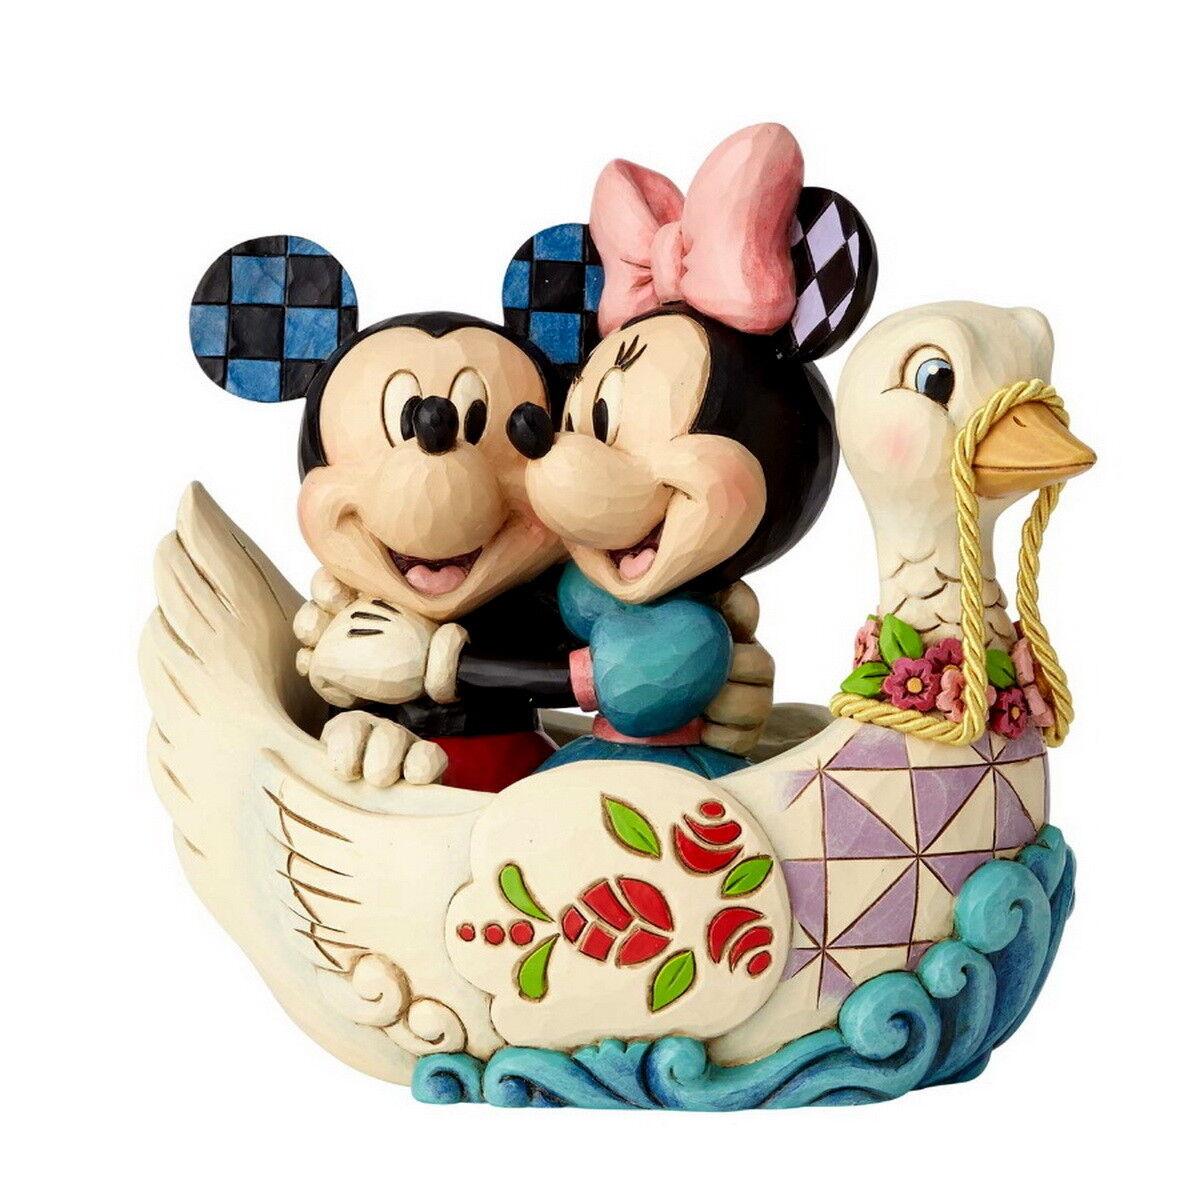 JIM SHORE Figurine 4059744 Disney Tradition MICKEY MICKEY MICKEY & MINNIE EN Swan Enesco 461544